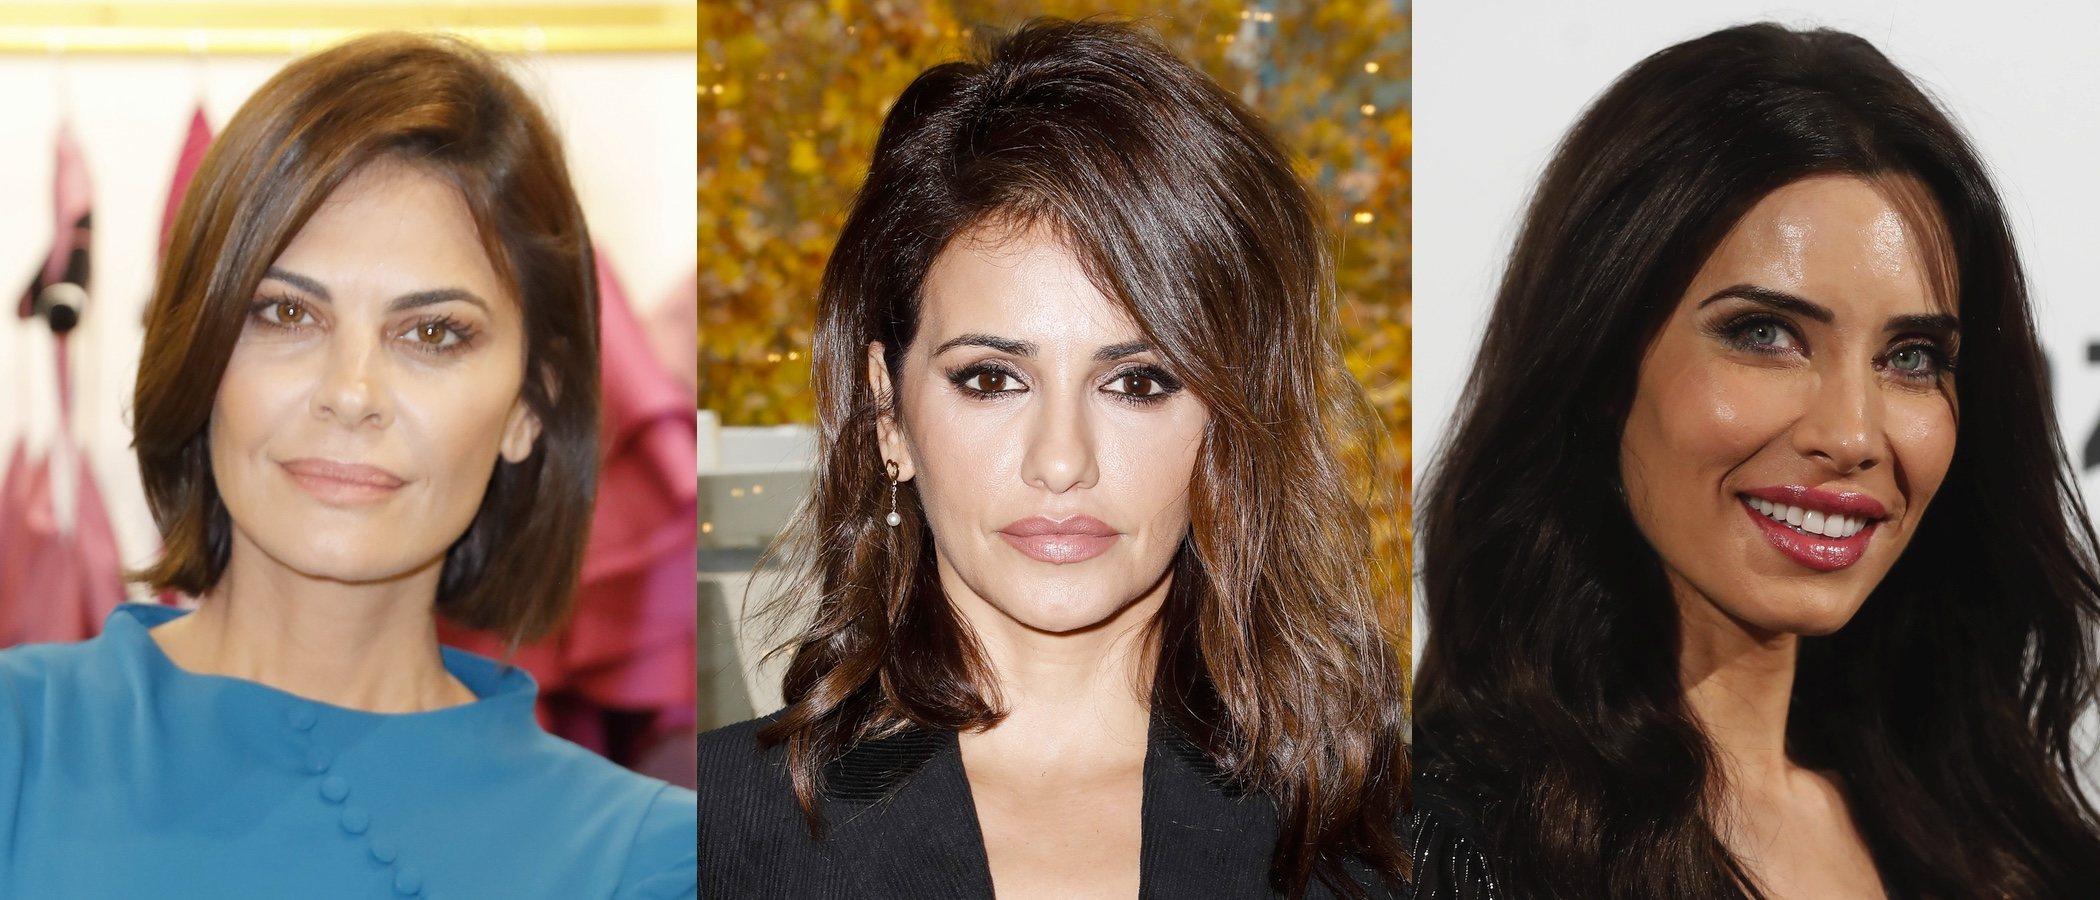 María José Suárez, Mónica Cruz y Pilar Rubio lucen los mejores beauty looks de la semana